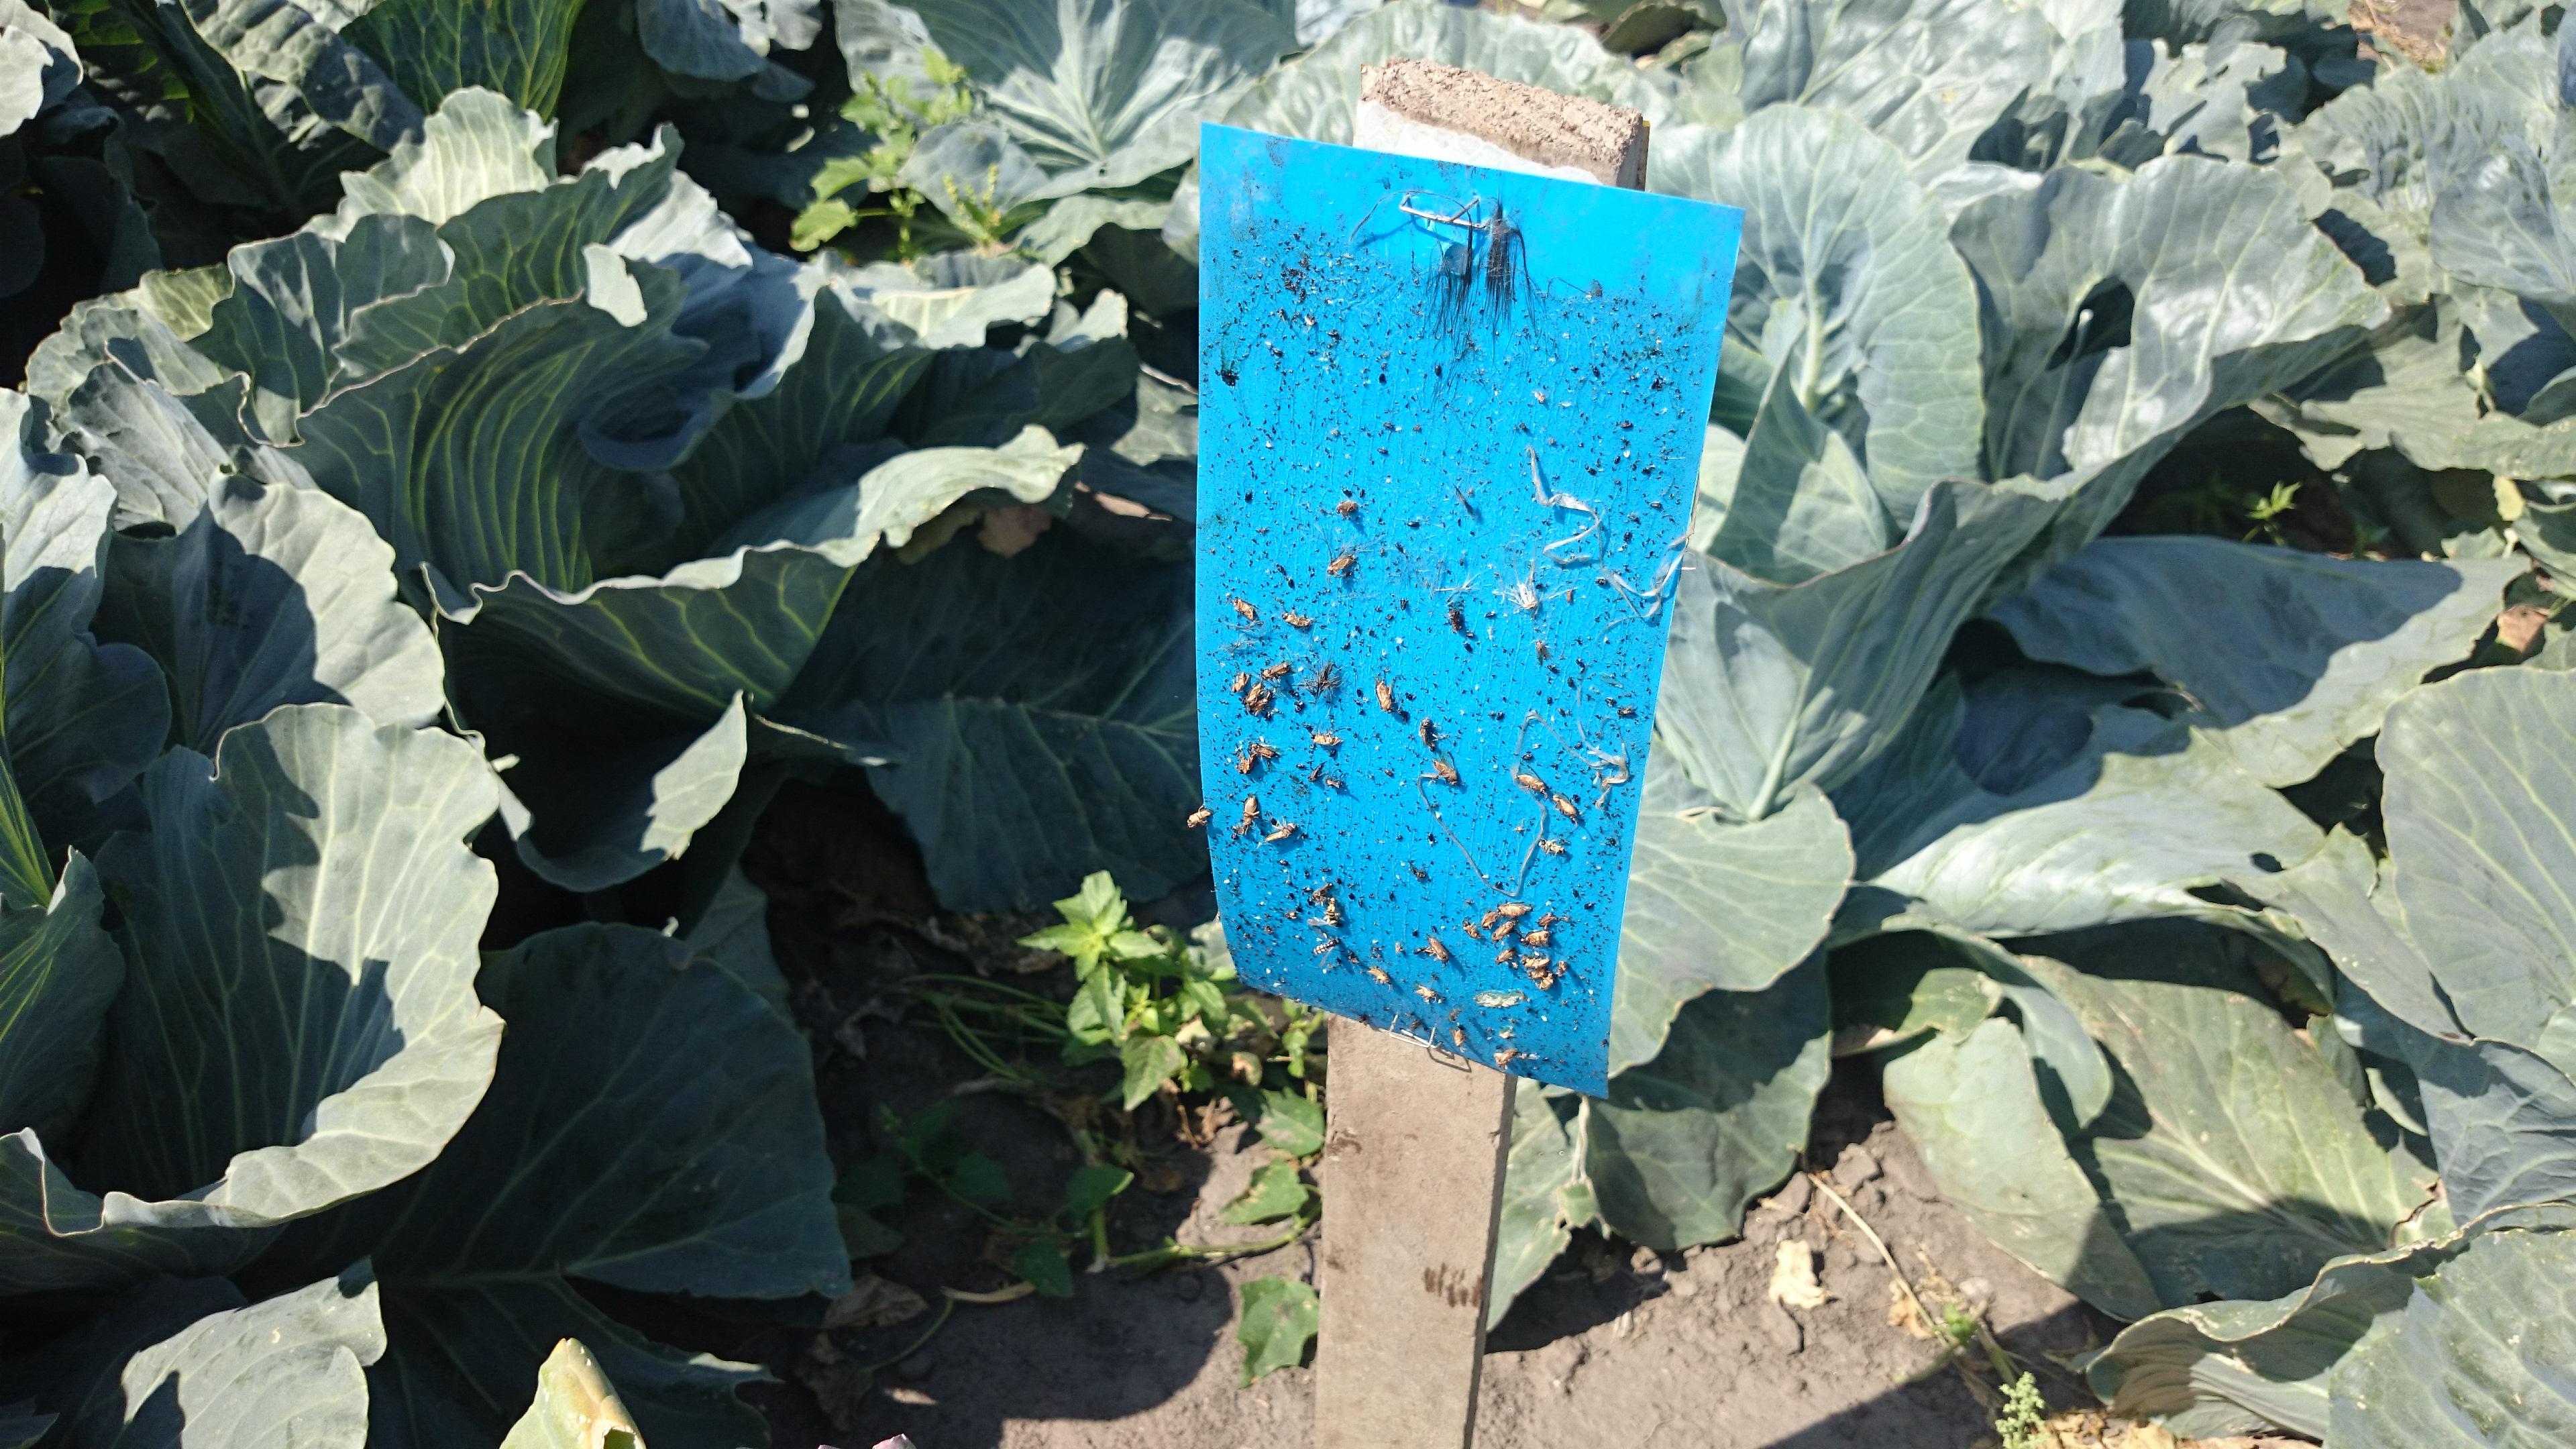 Máte striebristé škvrny na rastlinách? Skontrolujte či sa strapky nehostia Vašimi rastlinkami.